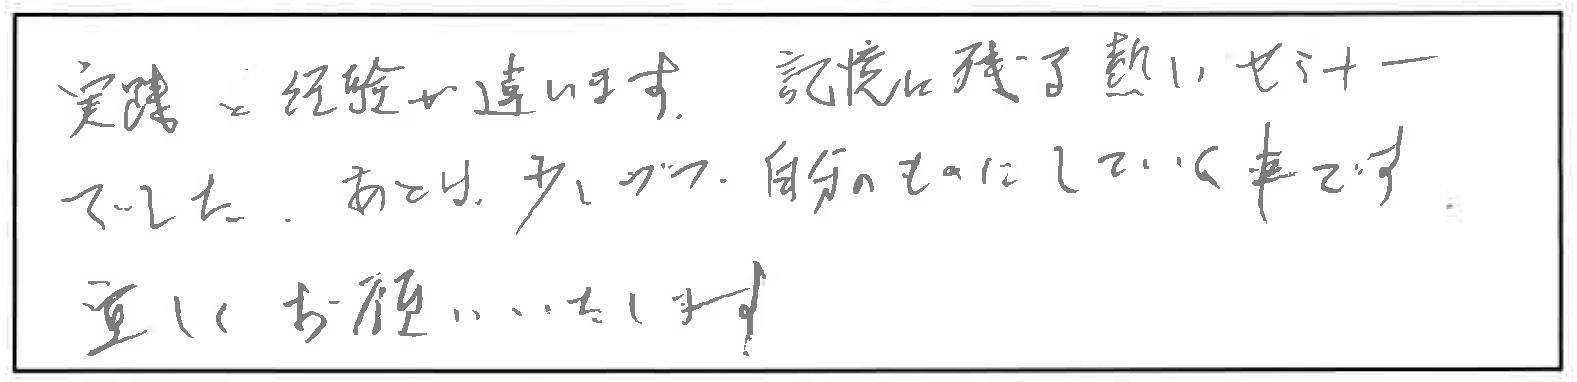 吉澤塾 半年コースの参加者の声画像199